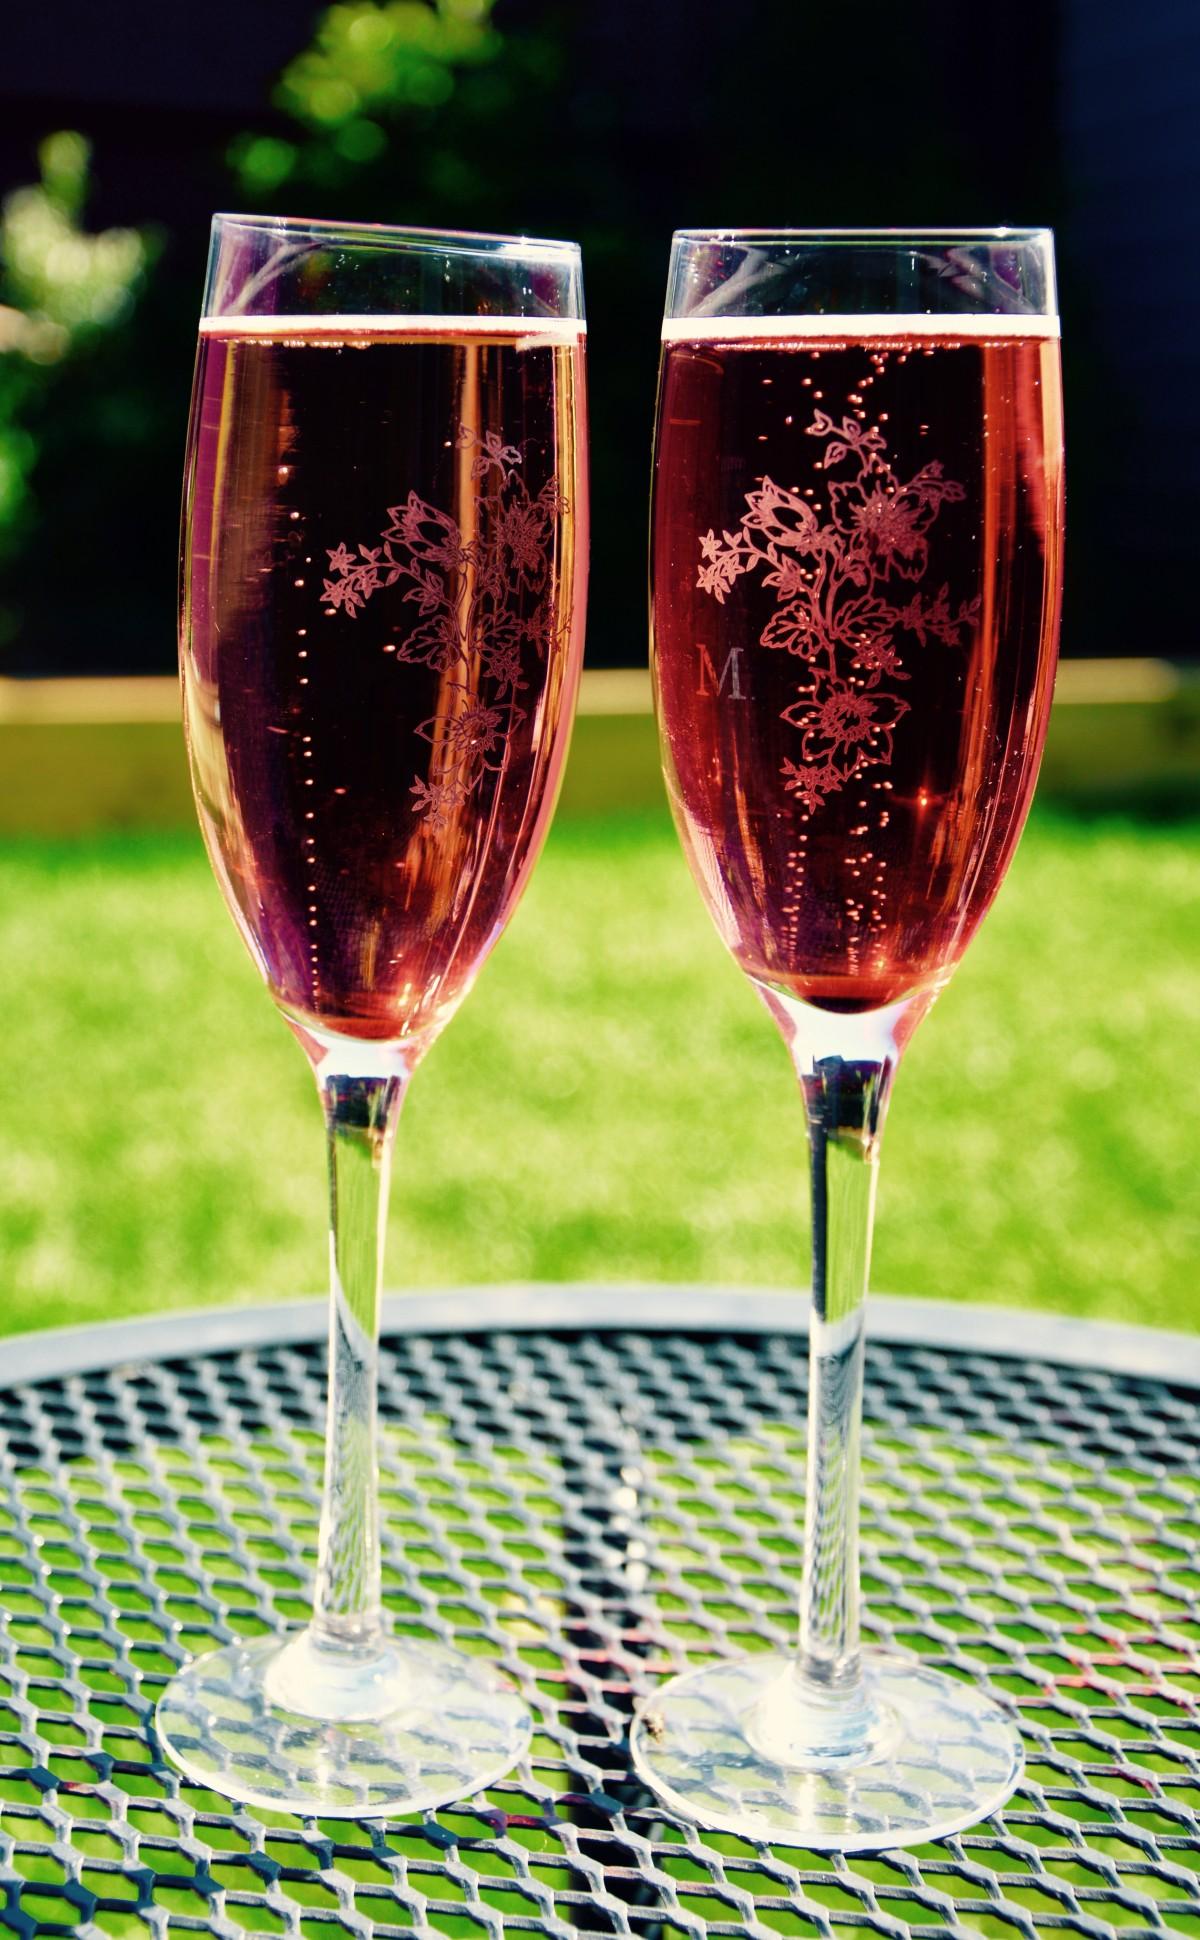 был картинка бокал с розовым вином крыму